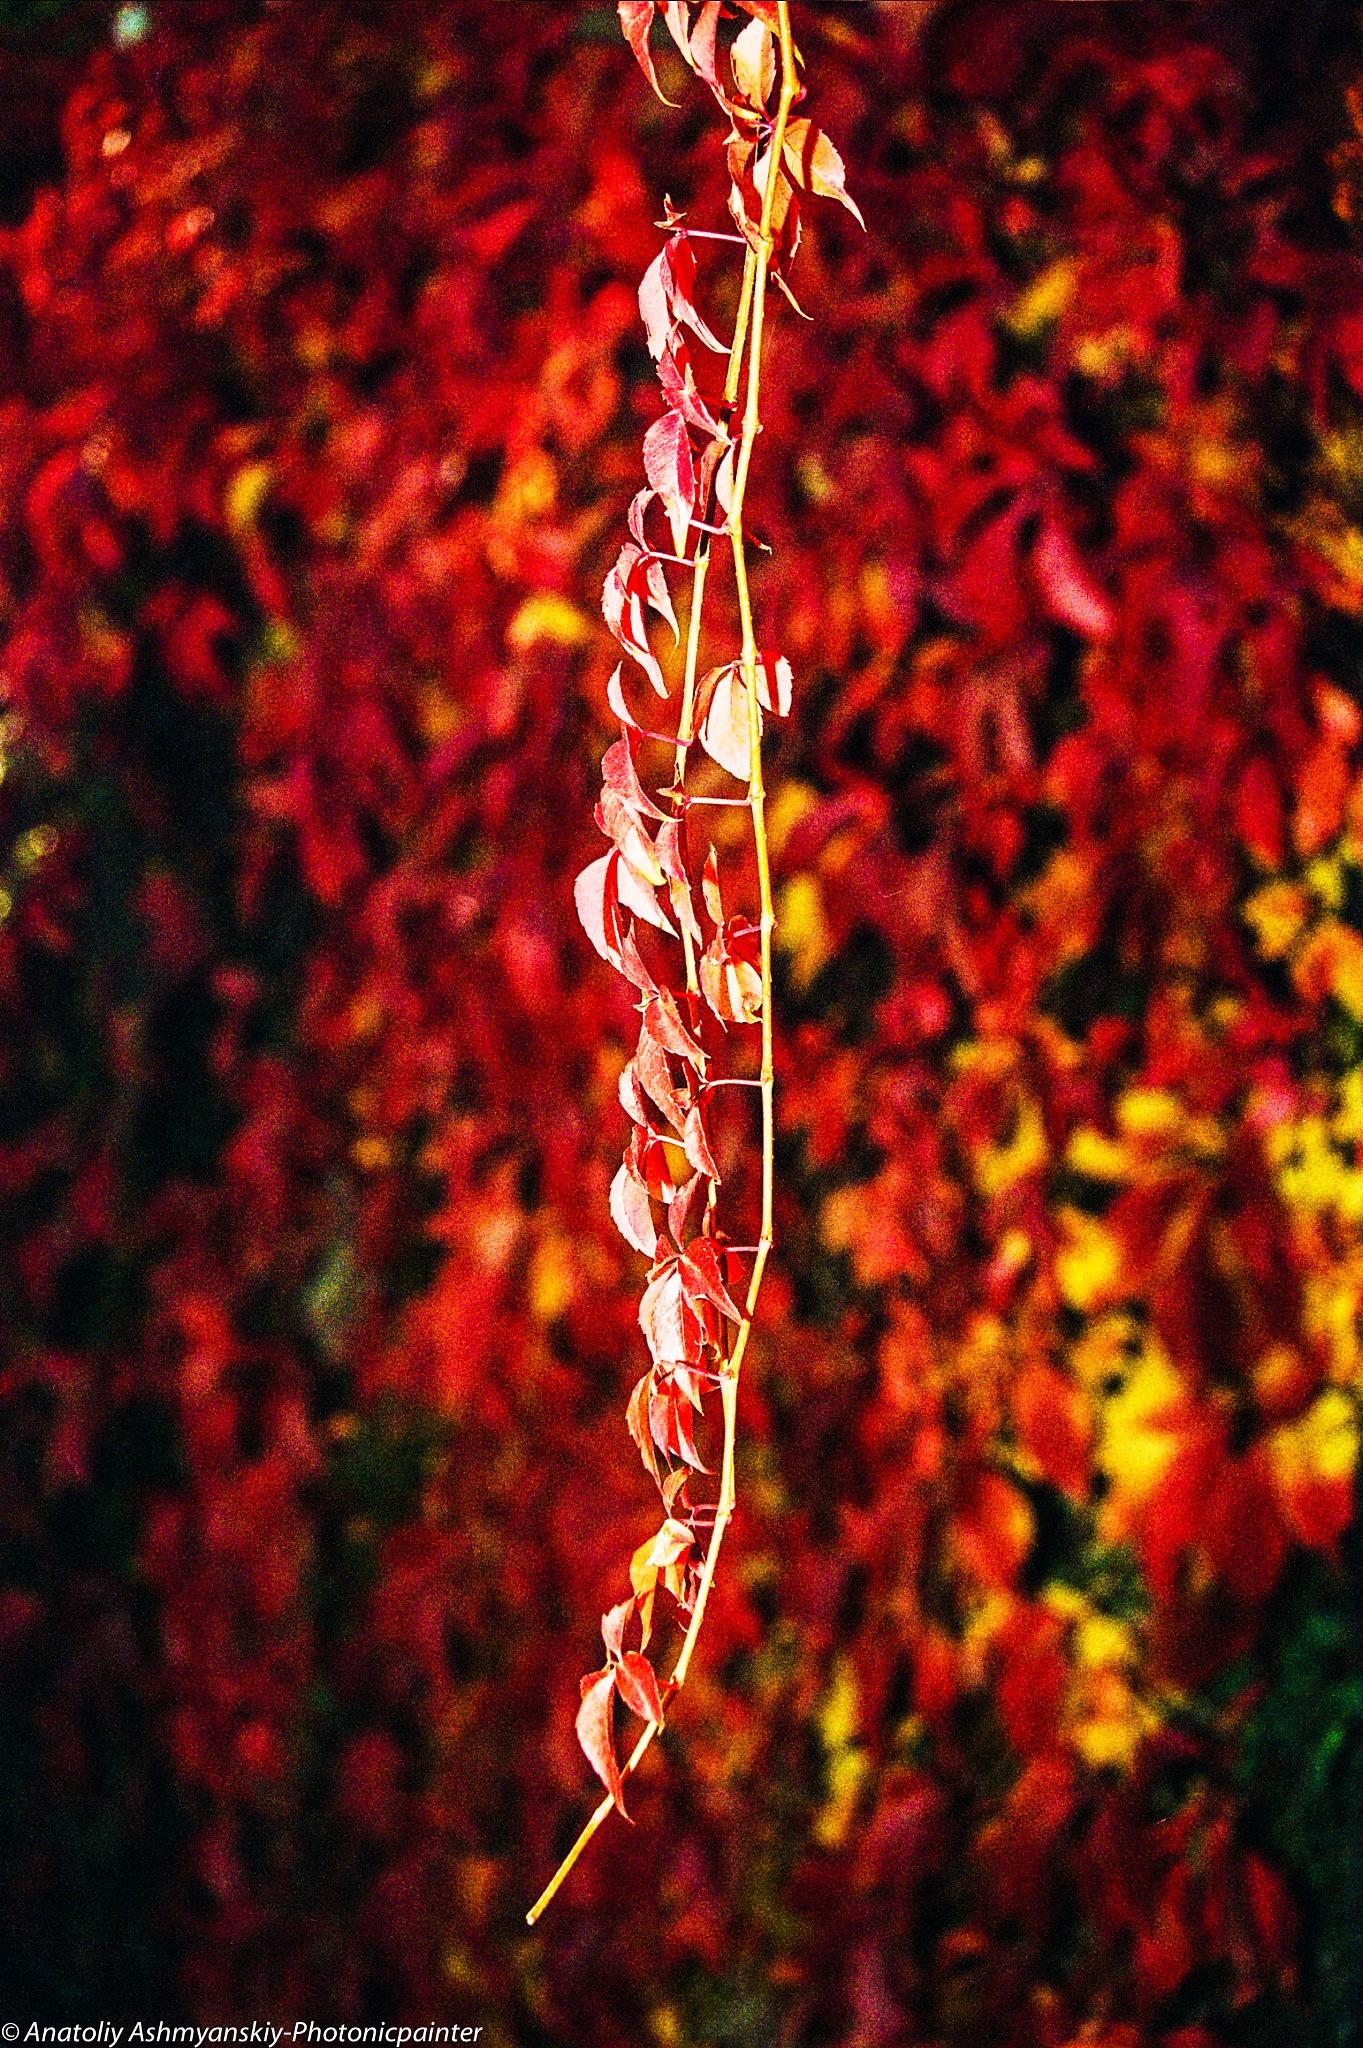 Autumn leafs by Anatoliy Ashmyanskiy